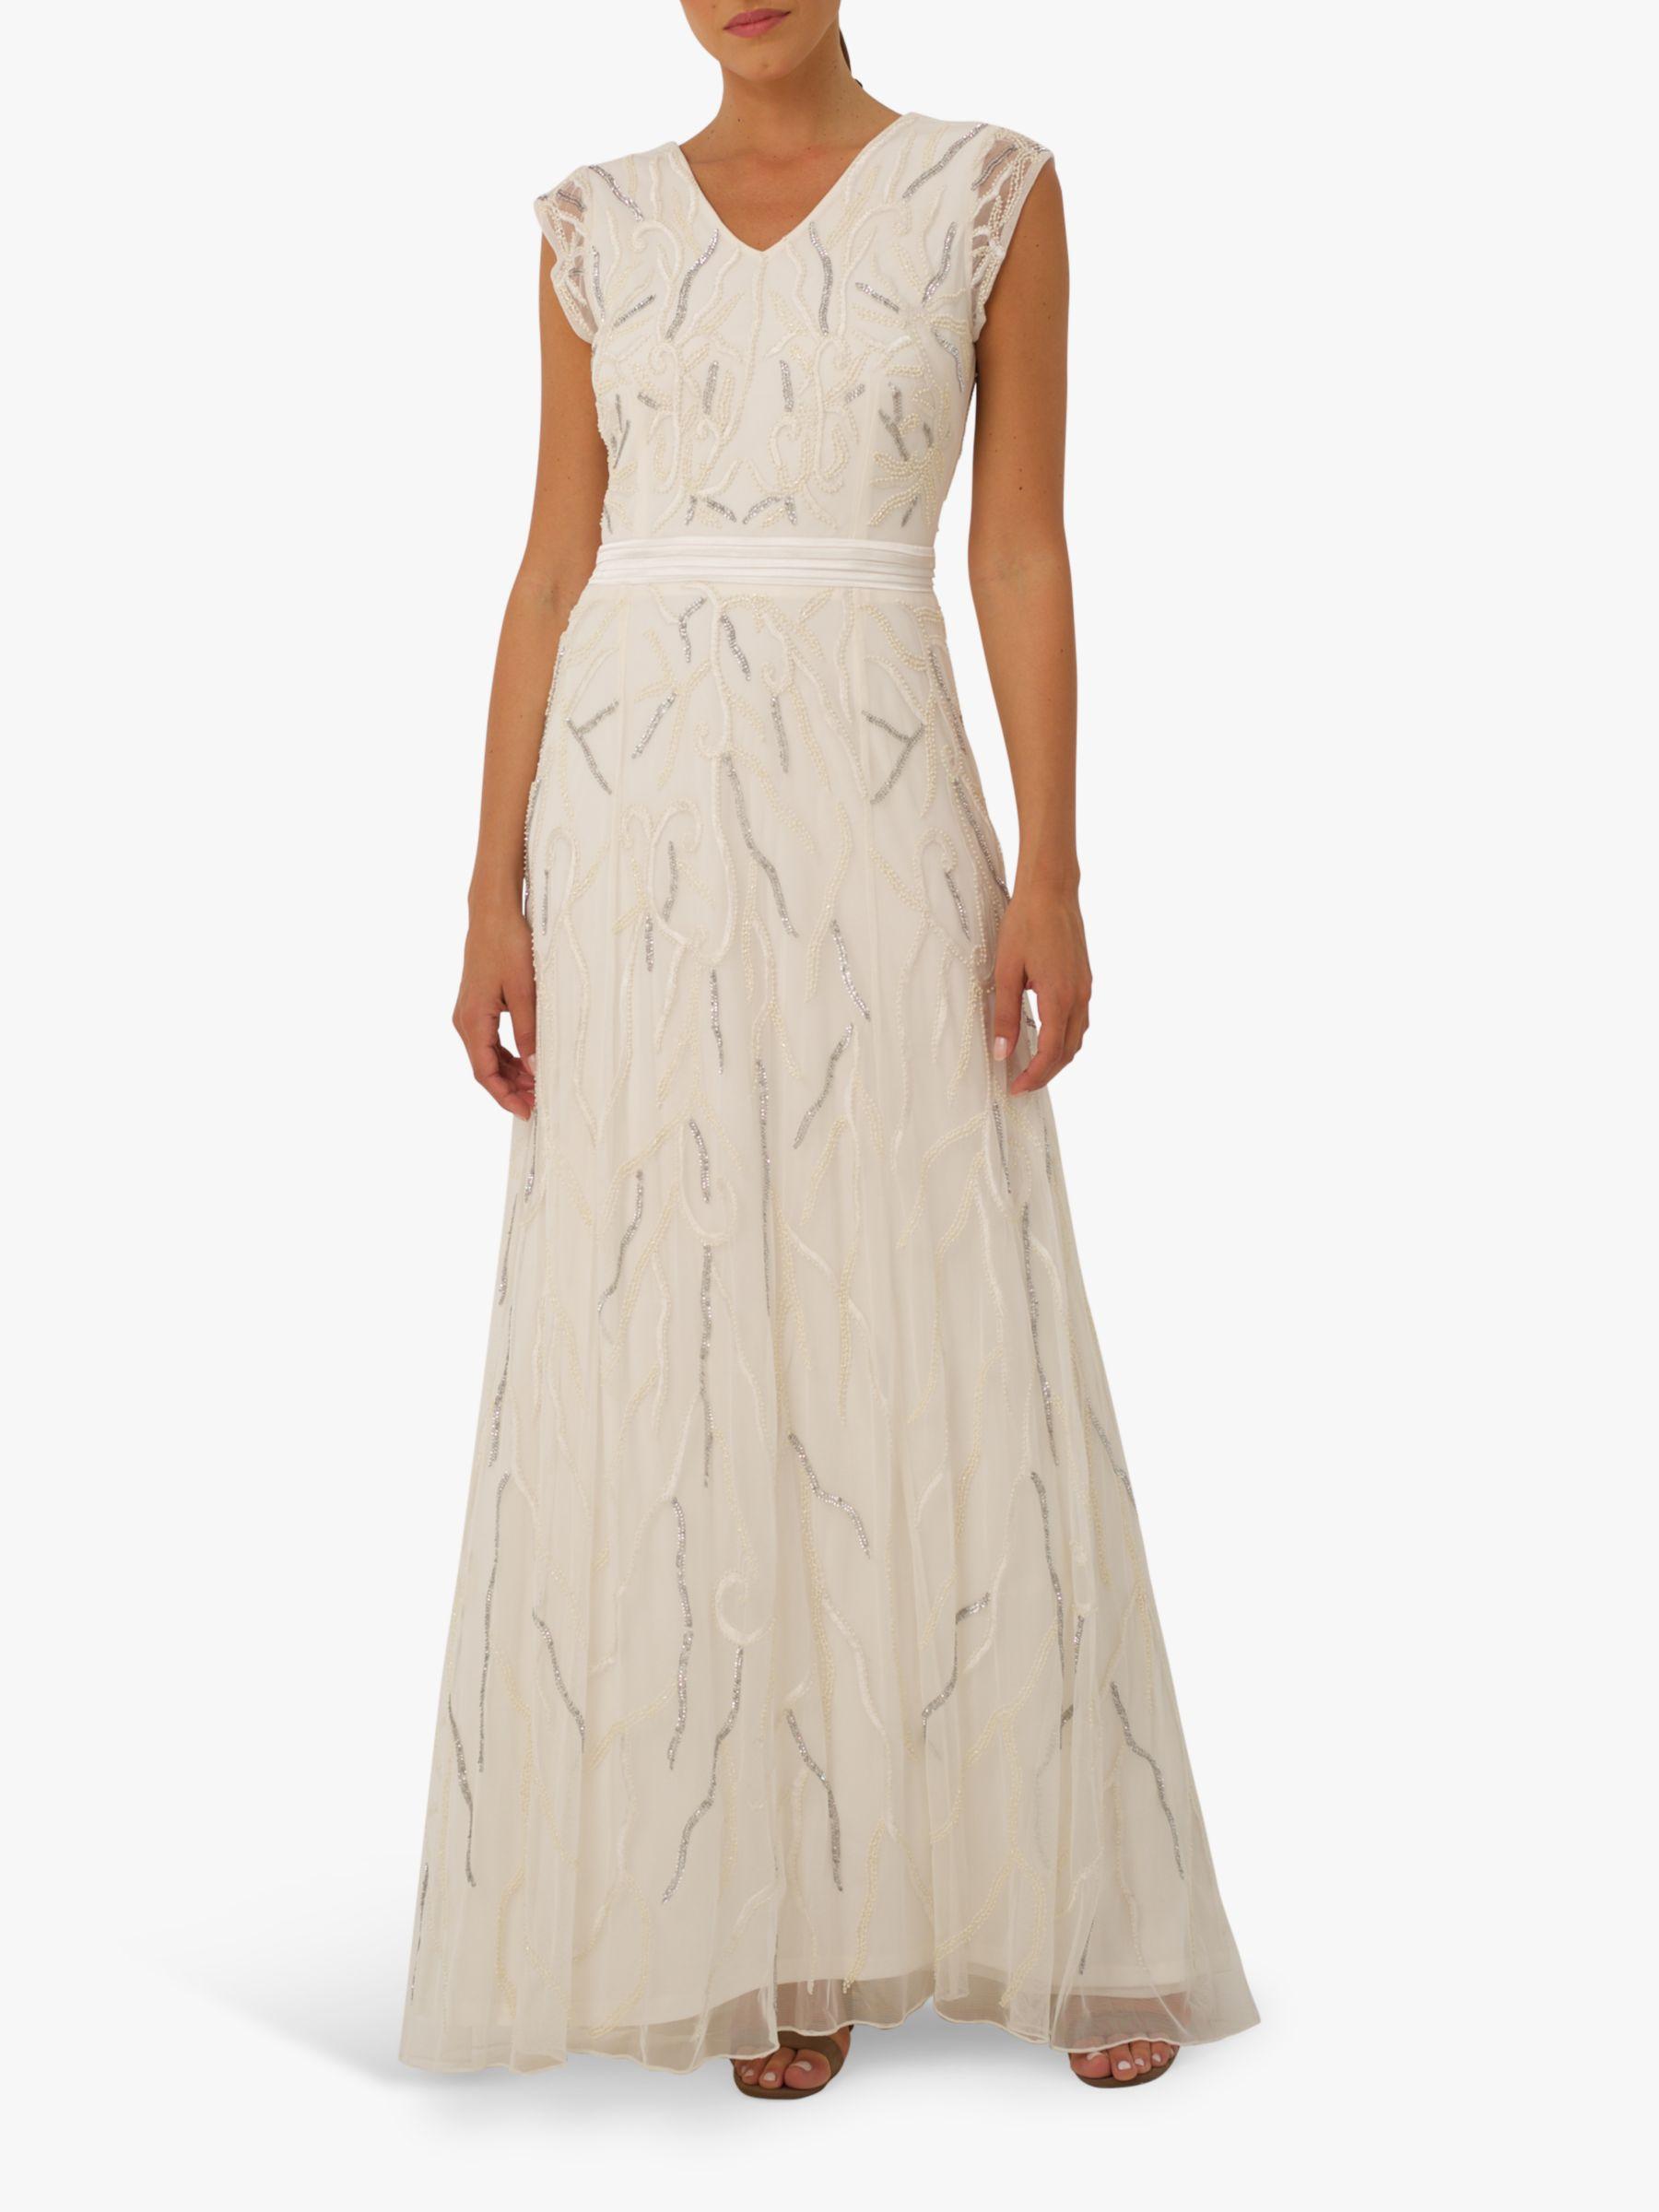 RAISHMA Raishma Eden Bead Embellishment Gown, Ivory